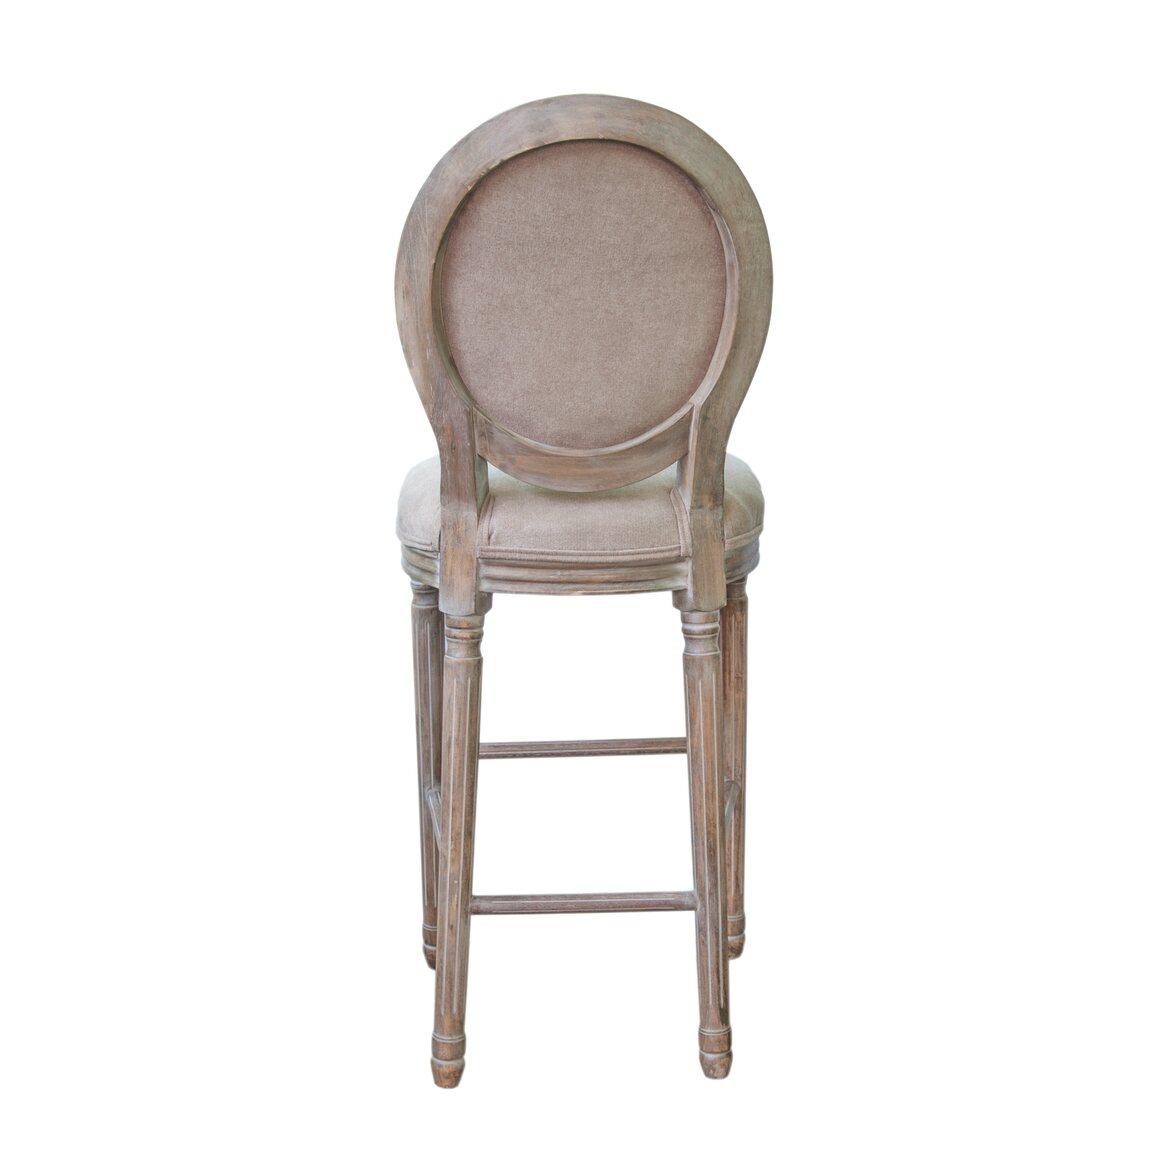 Барный стул Filon mocca 3 | Барные стулья Kingsby